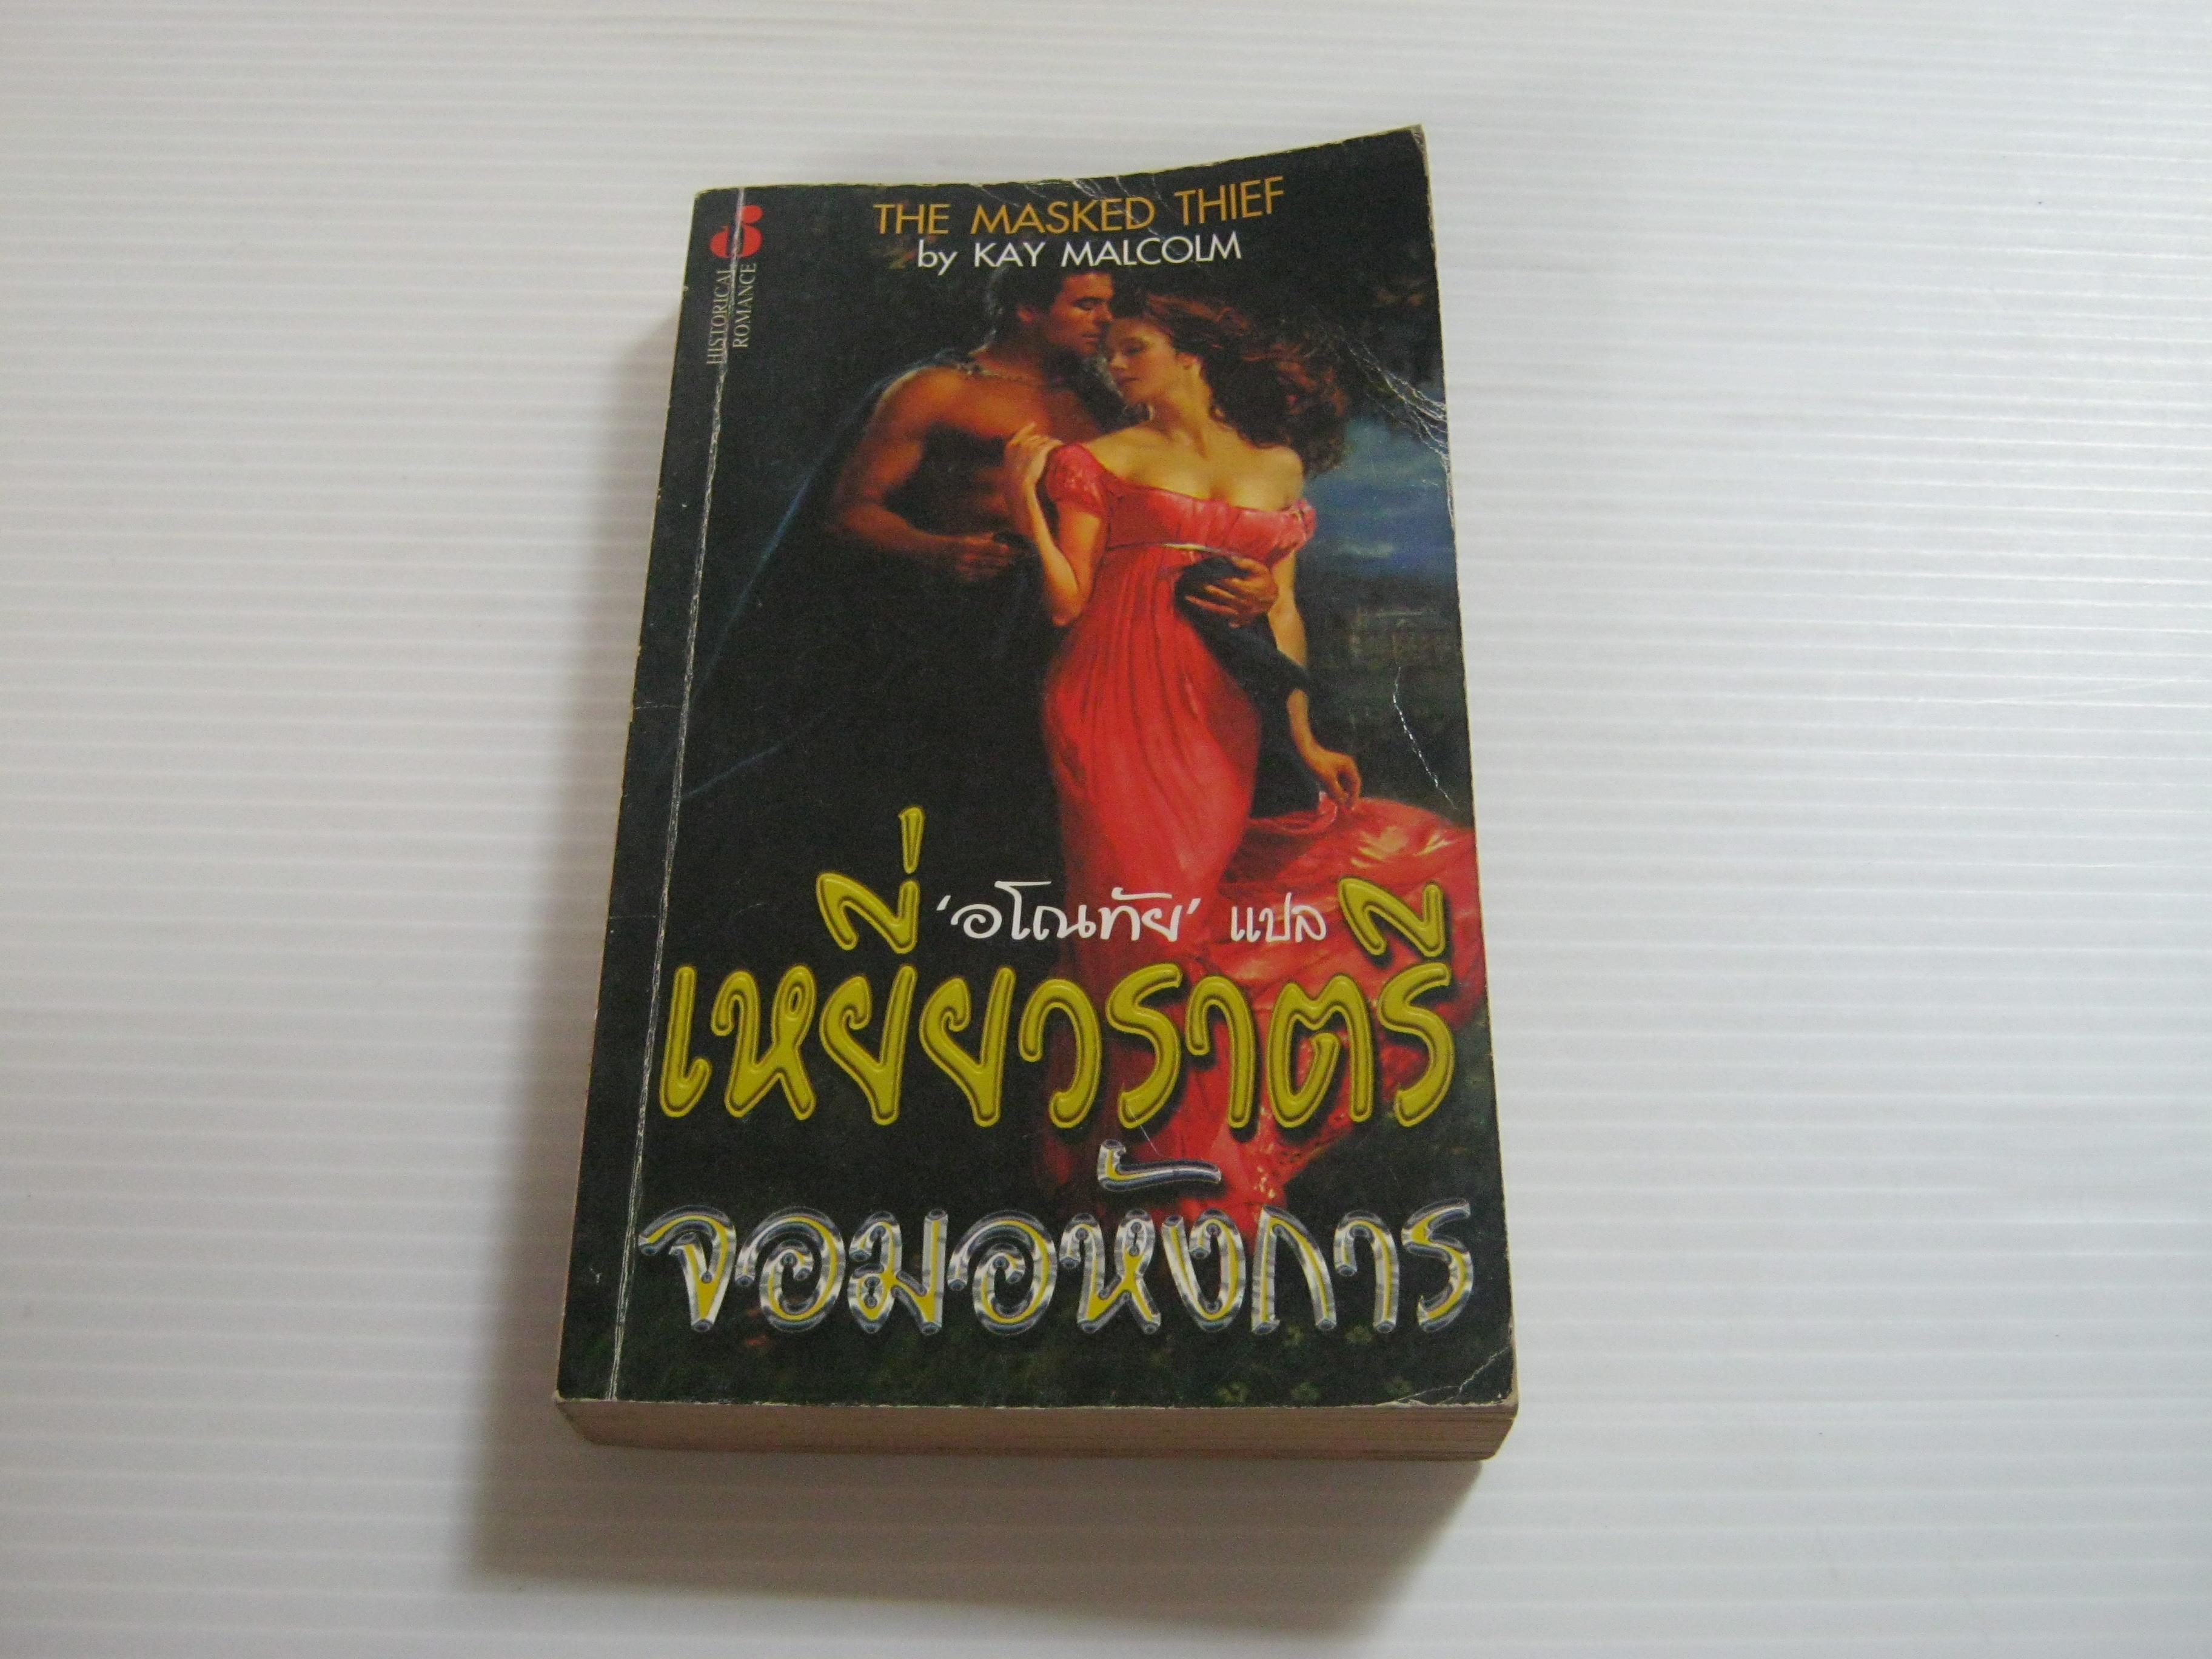 เหยี่ยวราตรีจอมหอังหาร (The Masker Thief) Kay Malcolm เขียน อโณทัย แปล